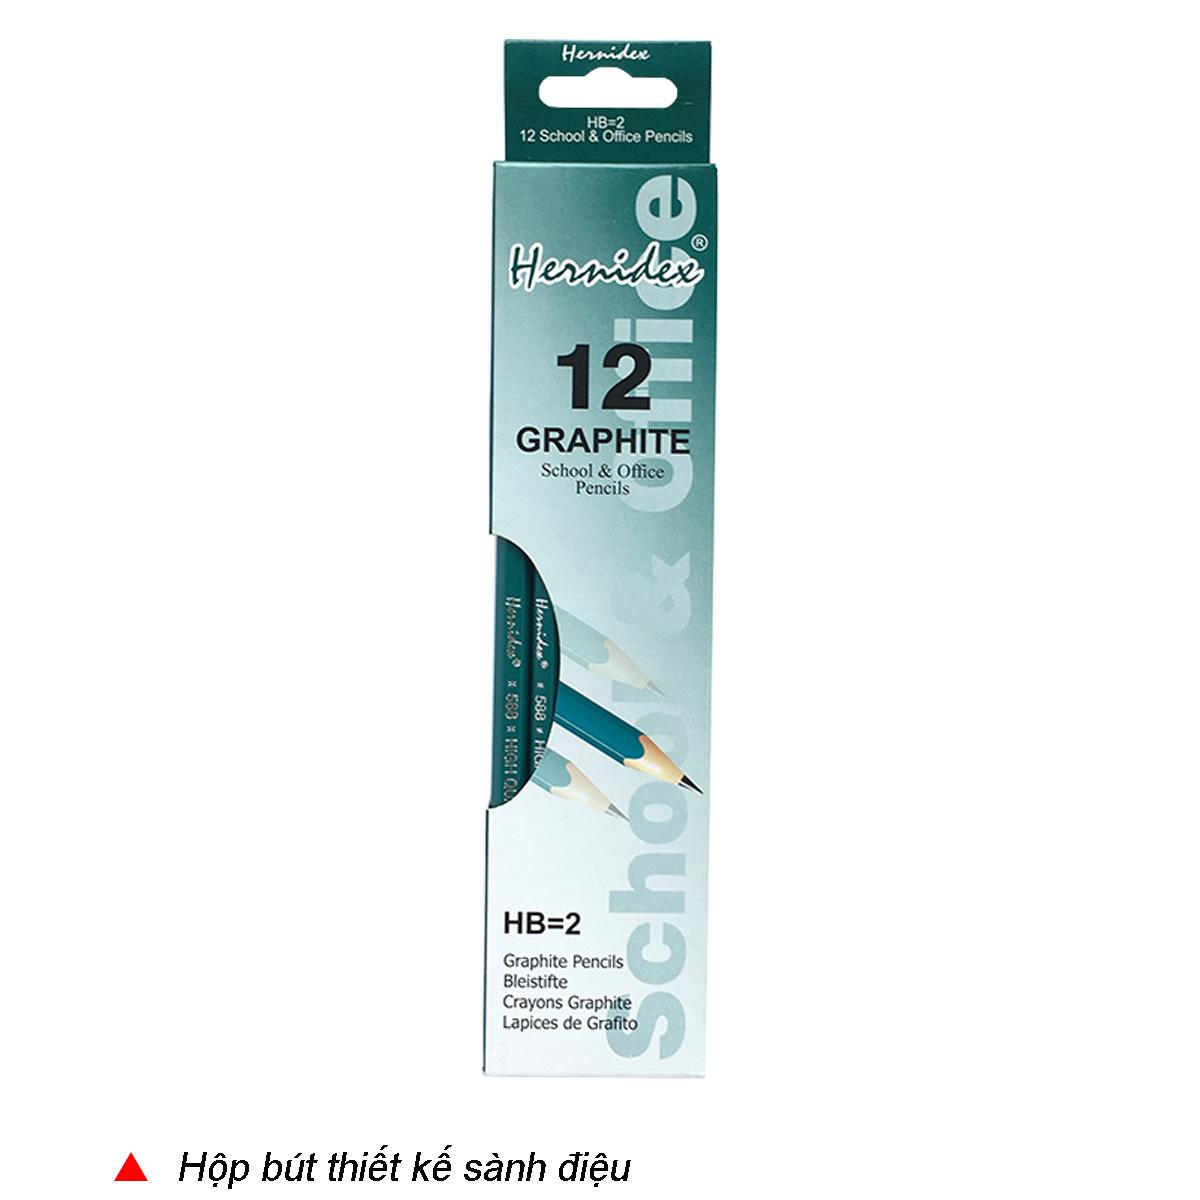 Hộp 12 cây Bút chì gỗ Hernidex 588 có đầu tẩy (HDPC588/12-HB)